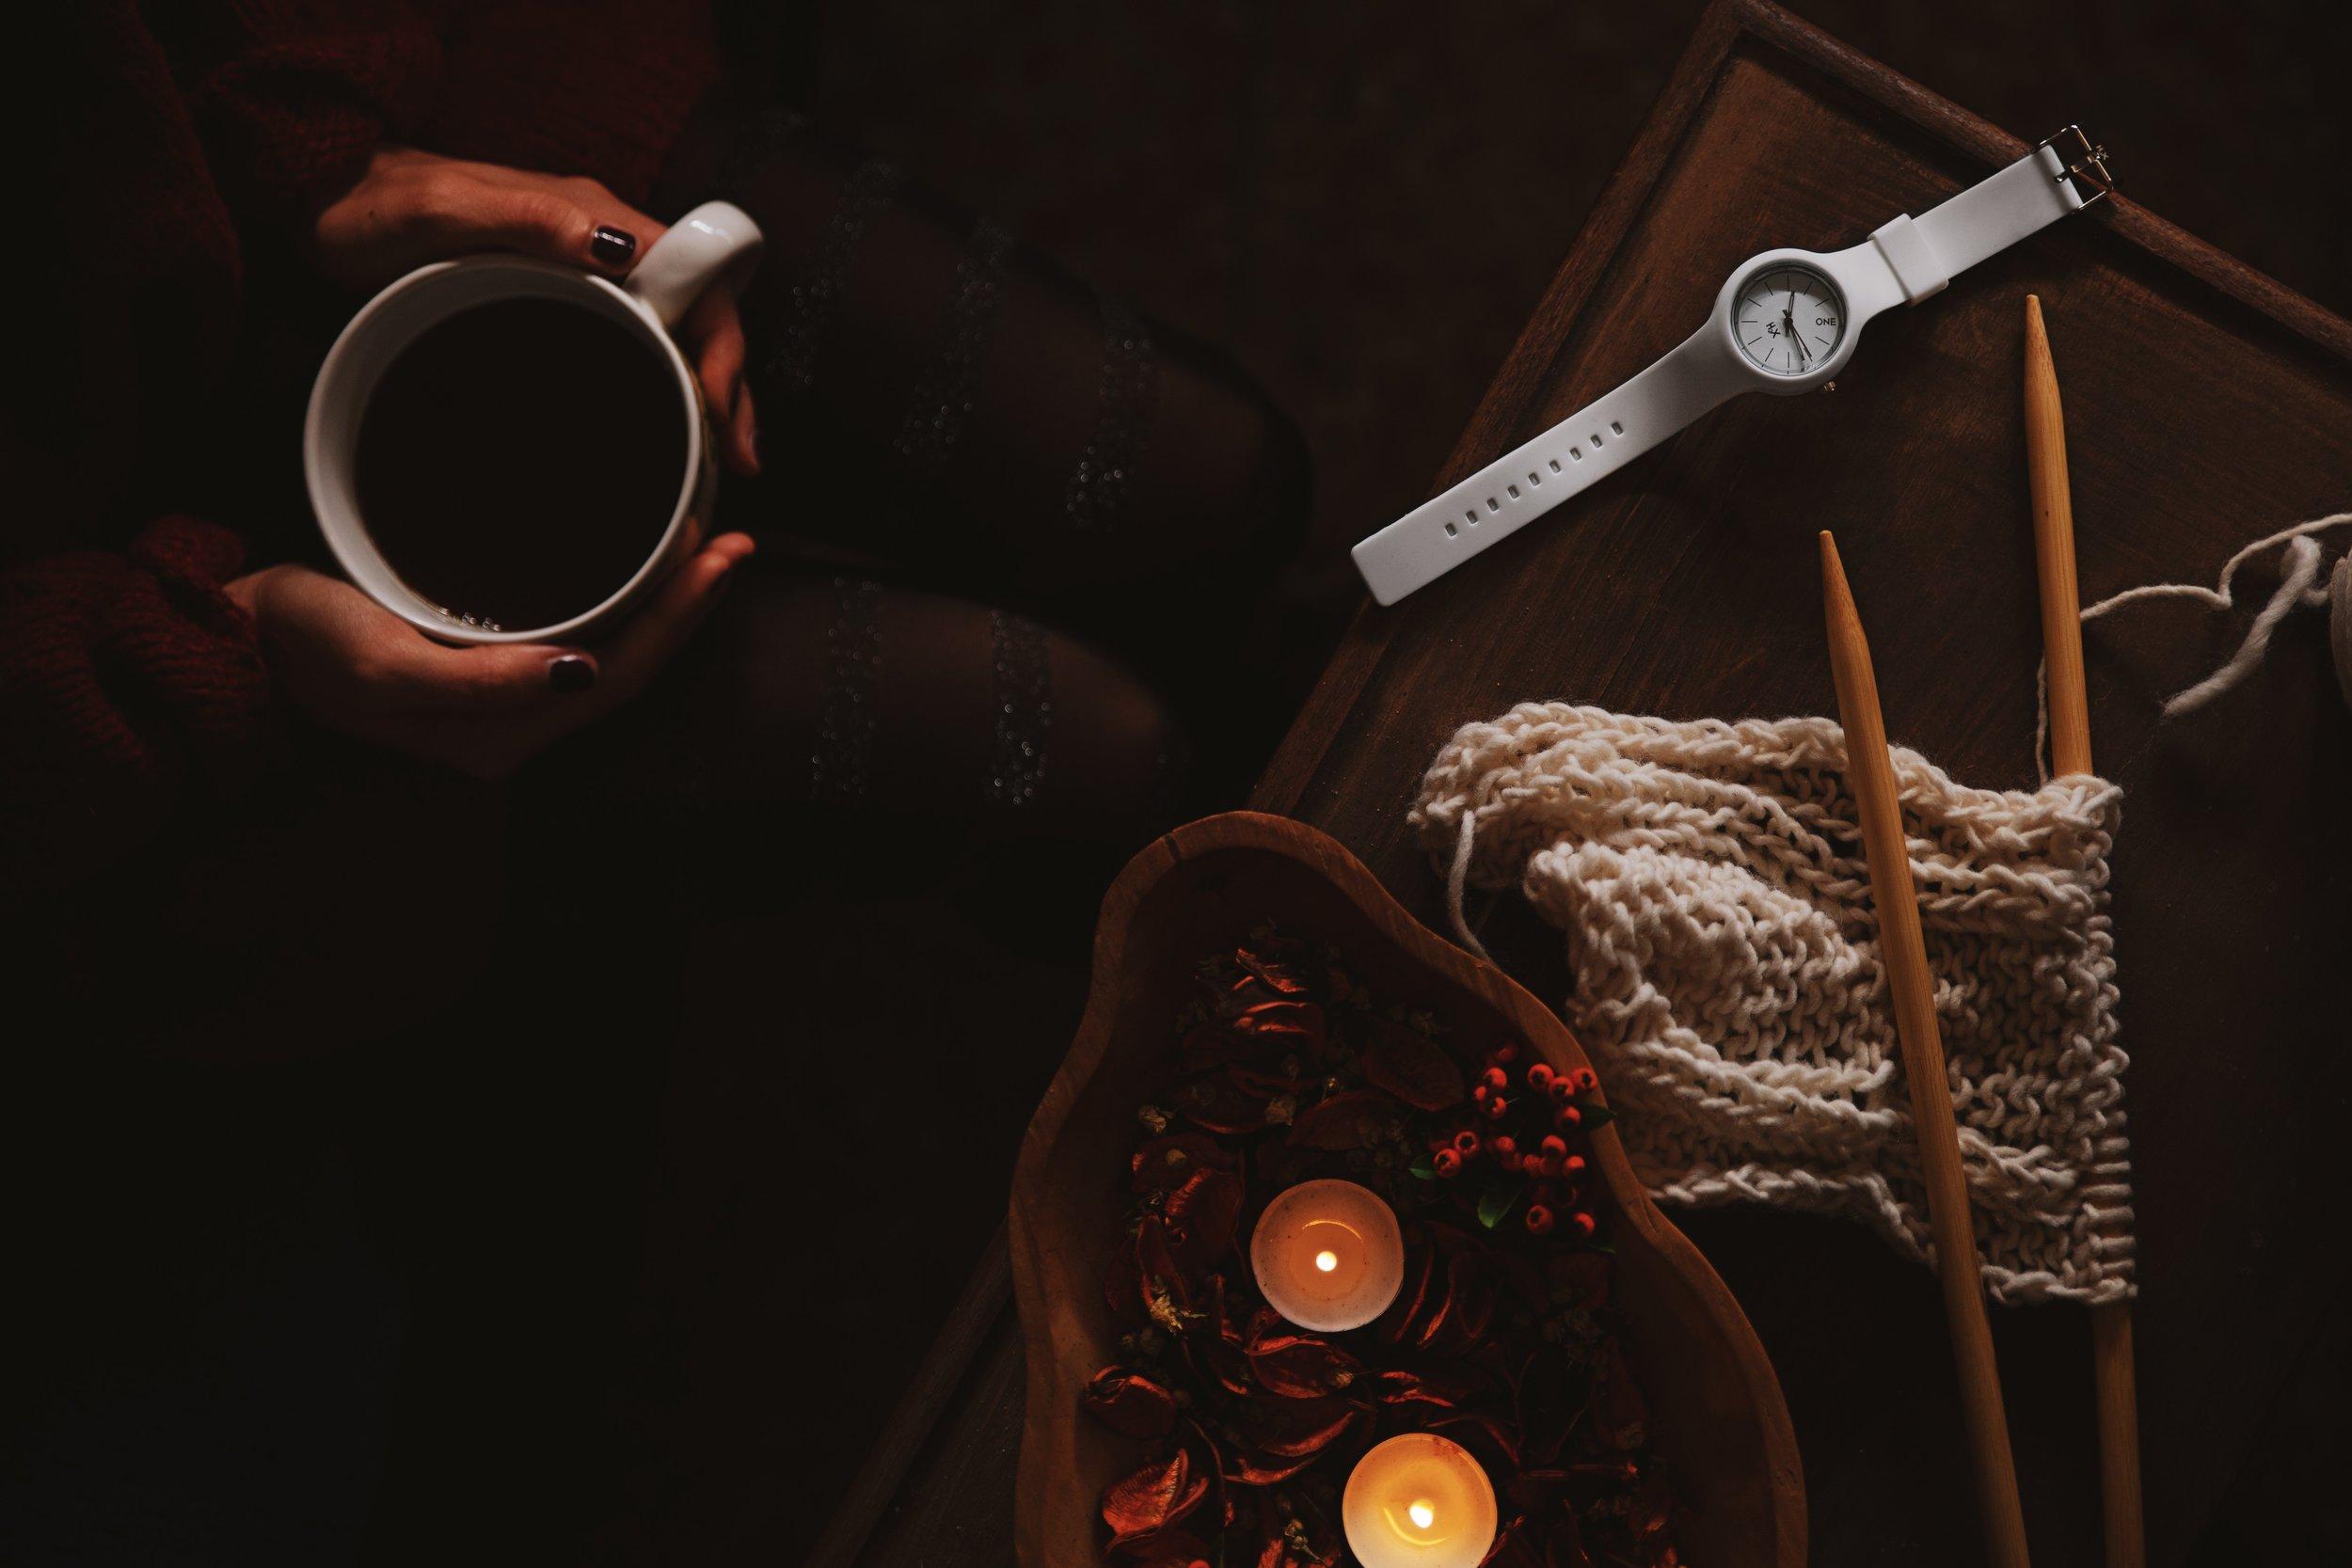 coffee-cup-drink-1550639.jpg